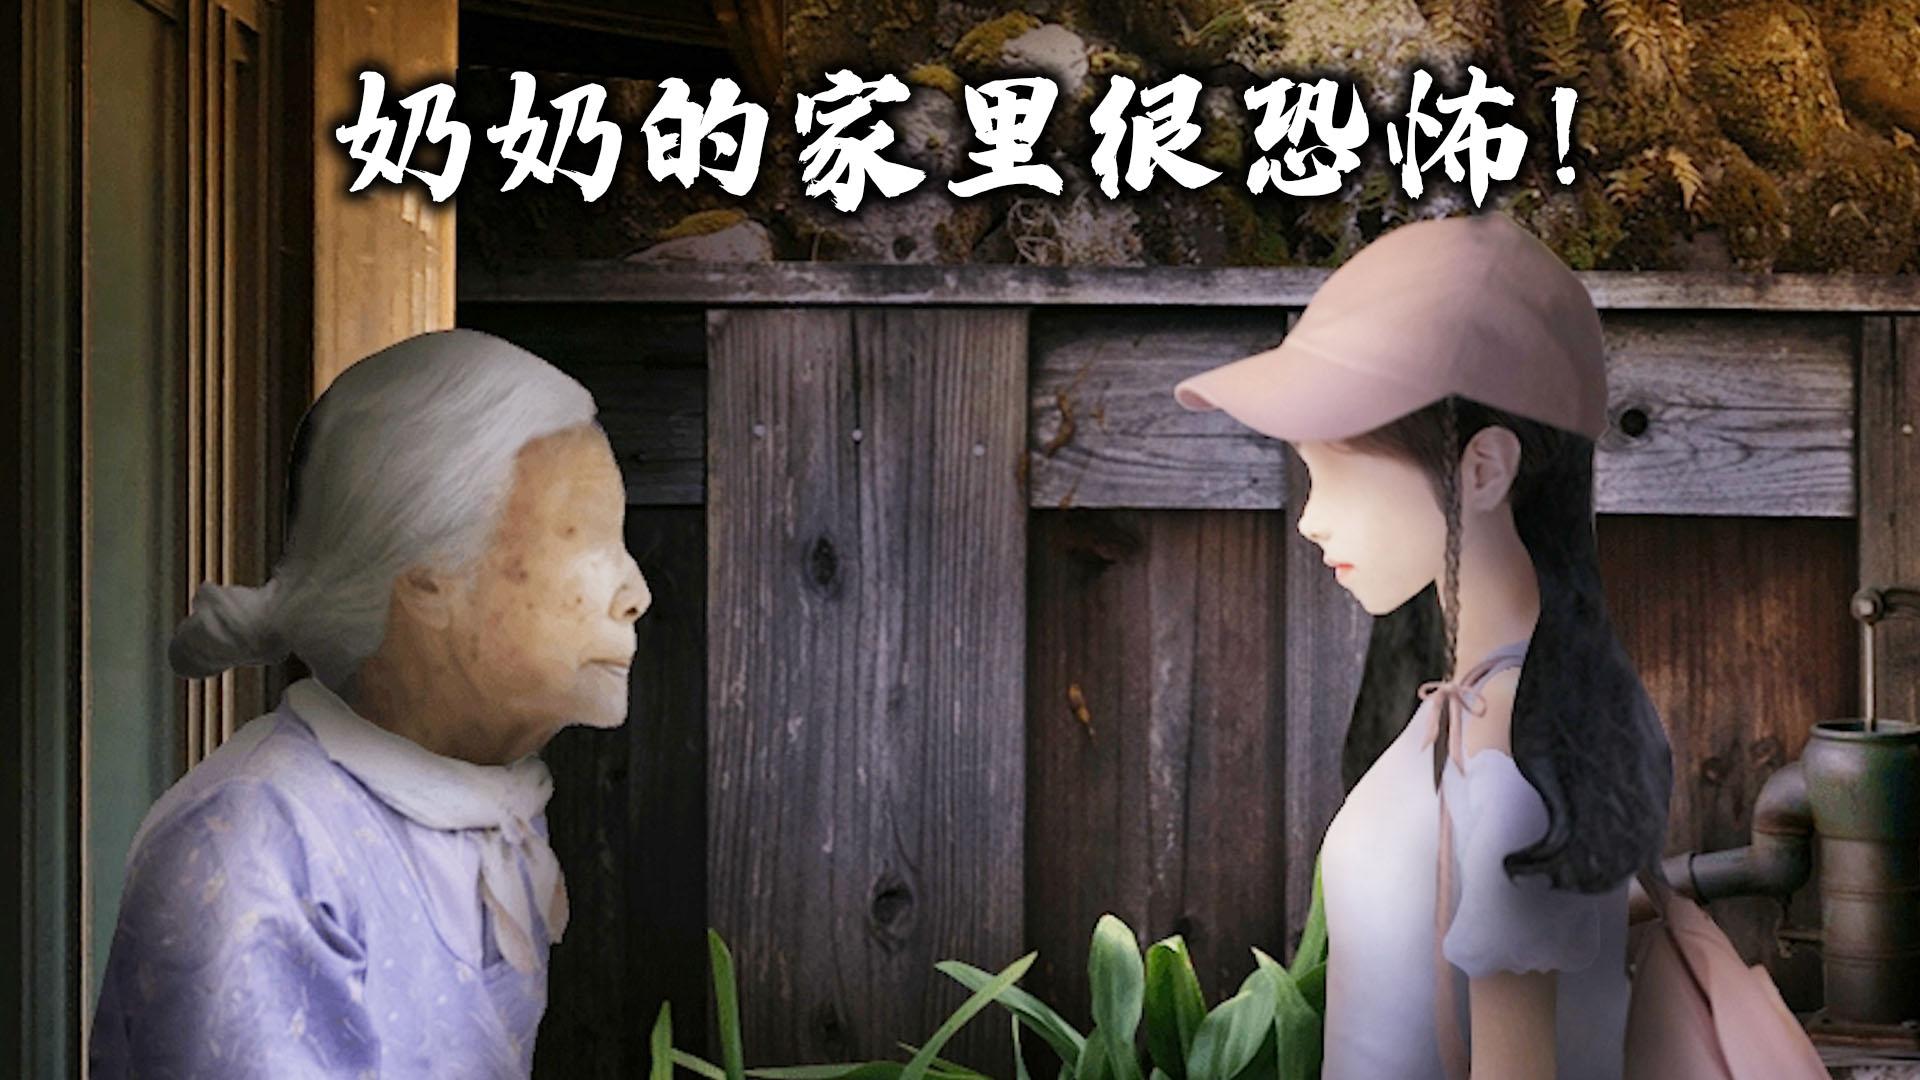 少女到乡下奶奶家暂住,却看到家里住了个女鬼!《来自昭和年代的呼唤》翌日系列